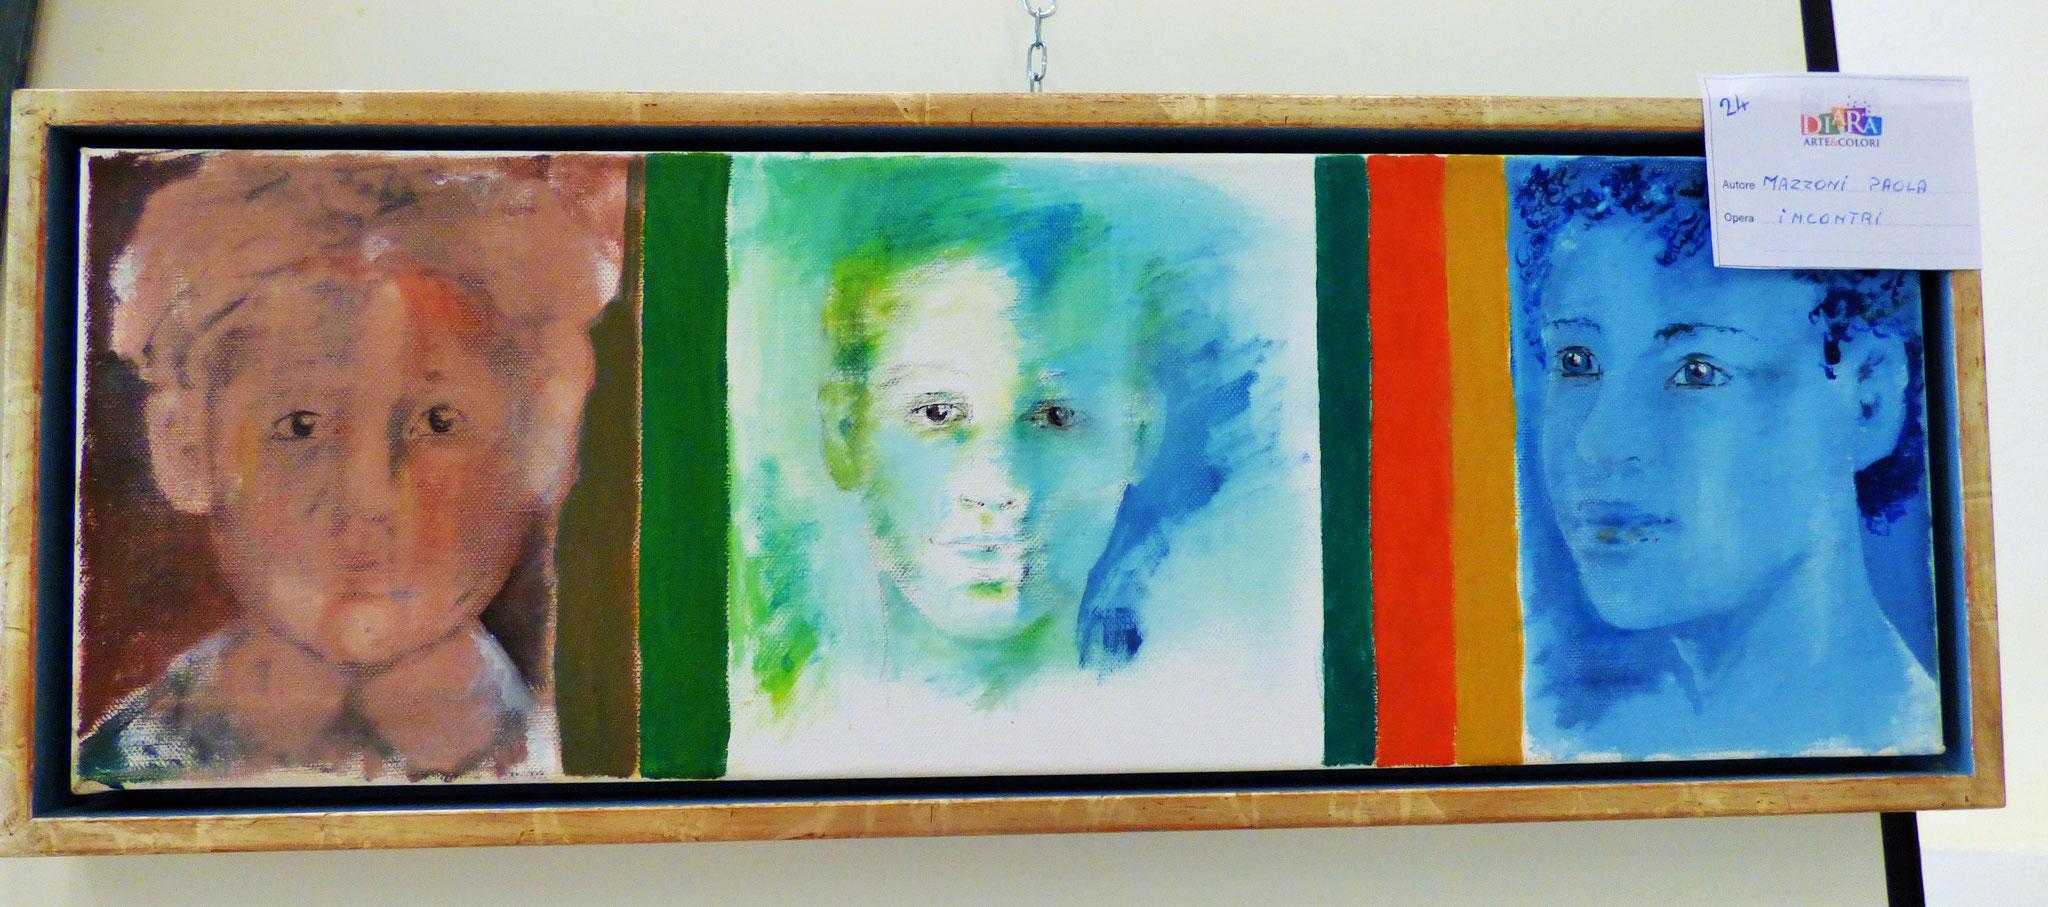 Rivergaro: DIARA Arte & Colori - IV concorso di Pittura ed.2018 - Mazzoni Paola - Incontri